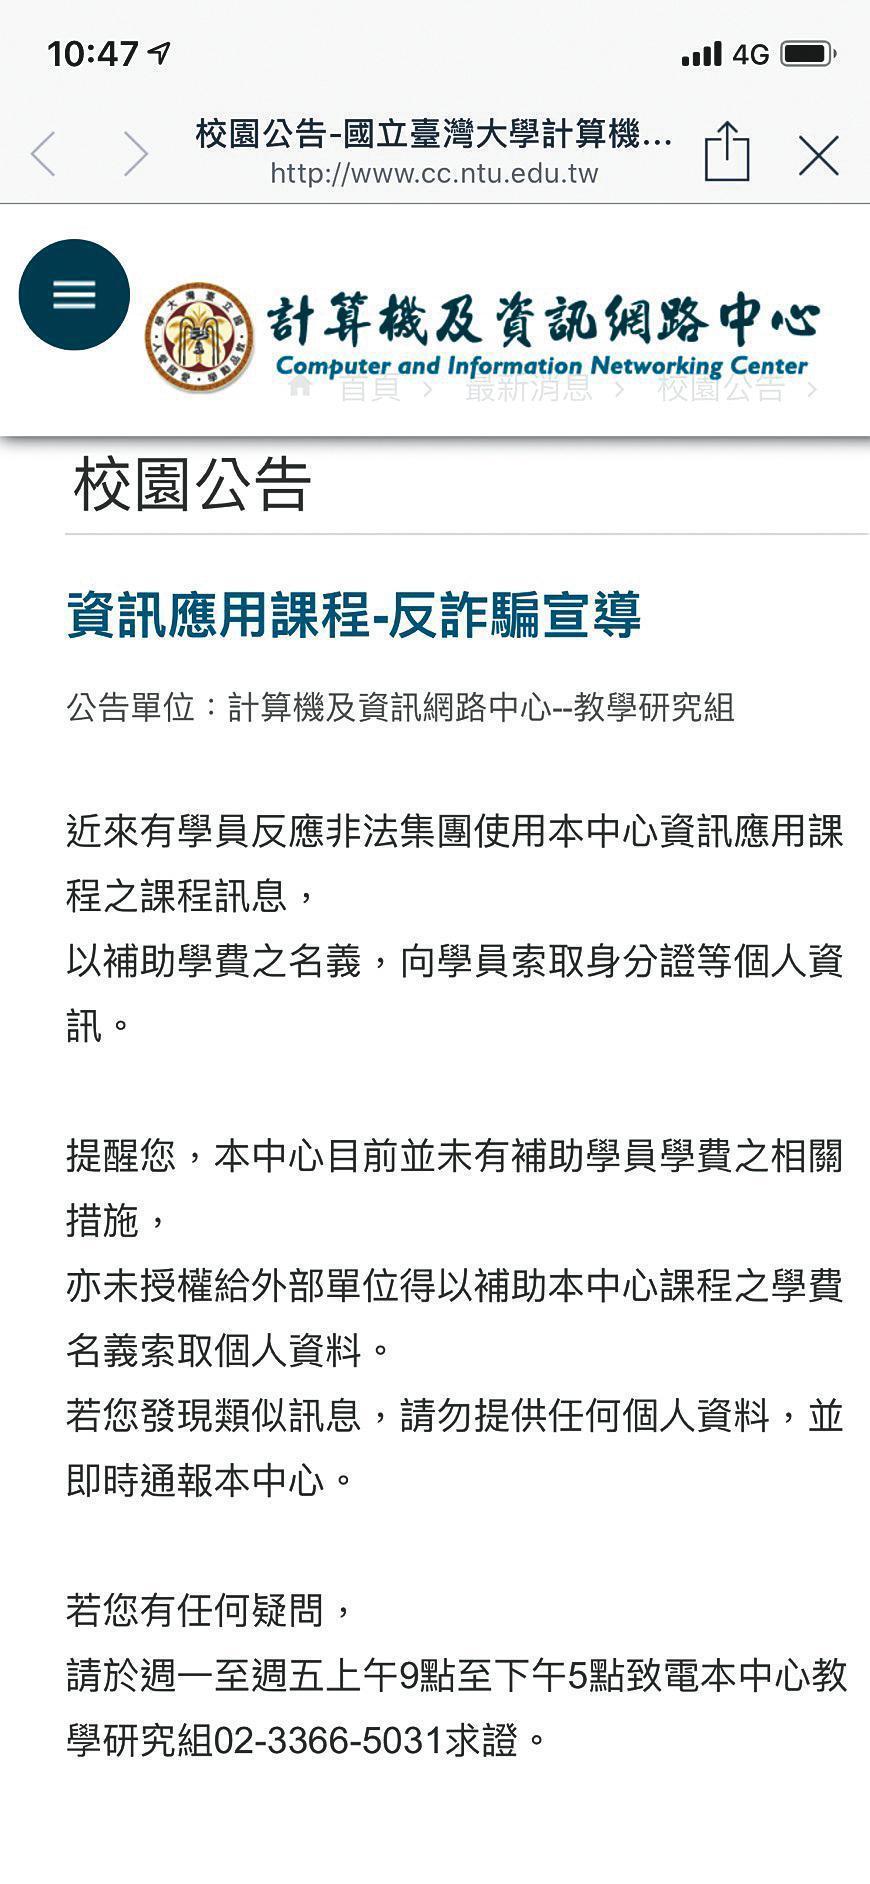 台大計算機及資訊網路中心在本月23日突然公布1則反詐騙訊息,提醒同學不要上當被騙取身分證等個人資料,這很可能與黃琪涉騙有關。(翻攝台大官網)